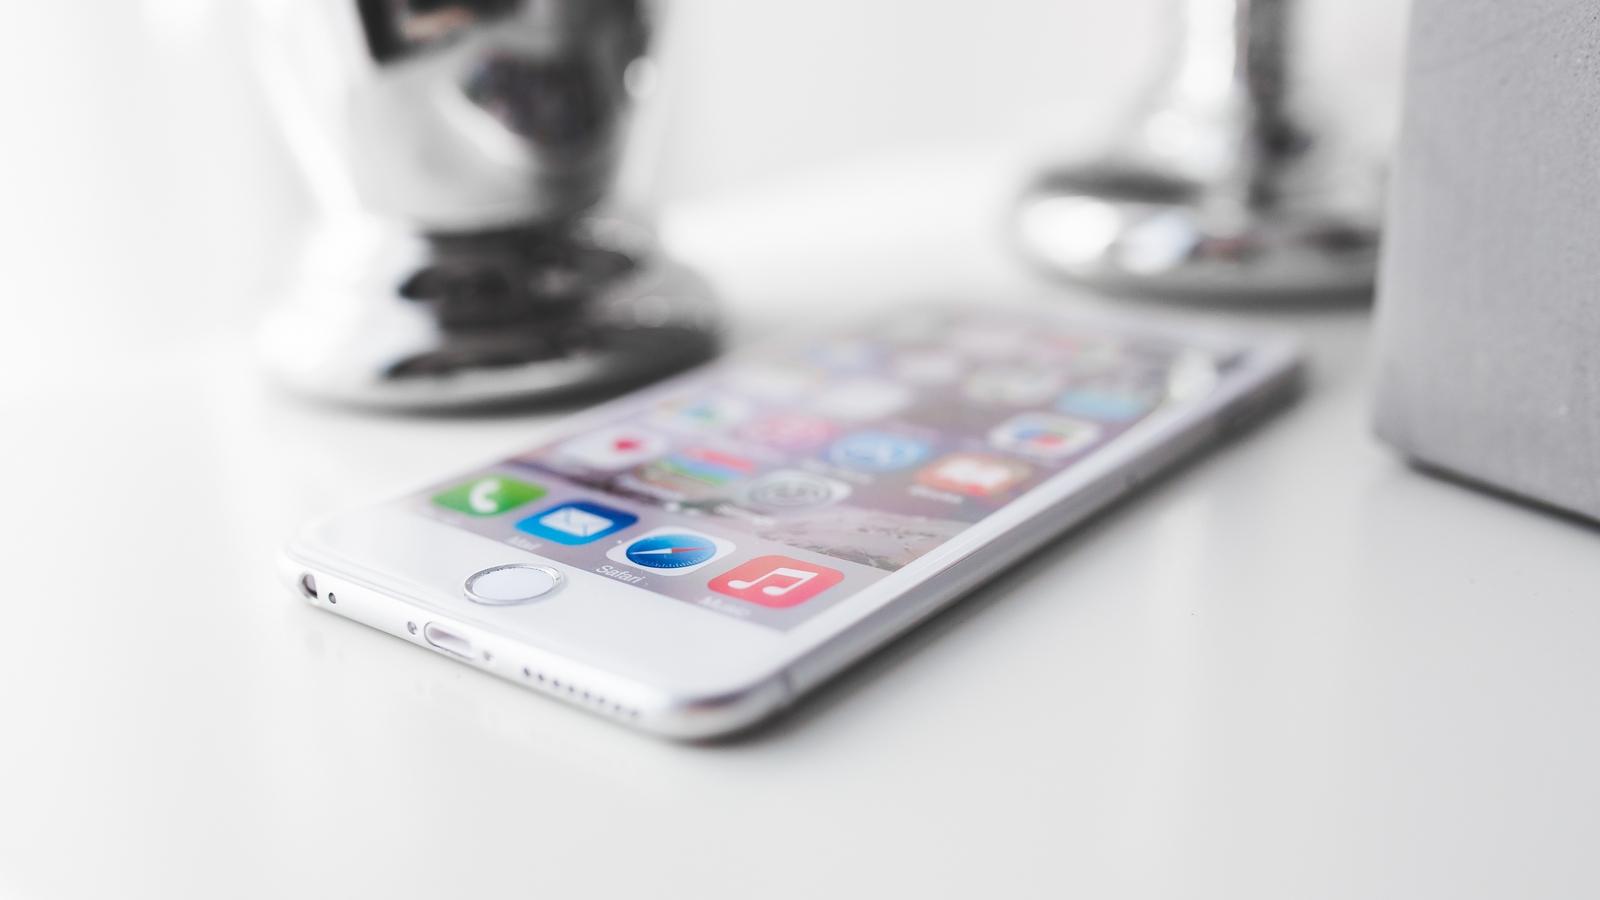 Снимки подтверждают существование iPhone 7 Pro